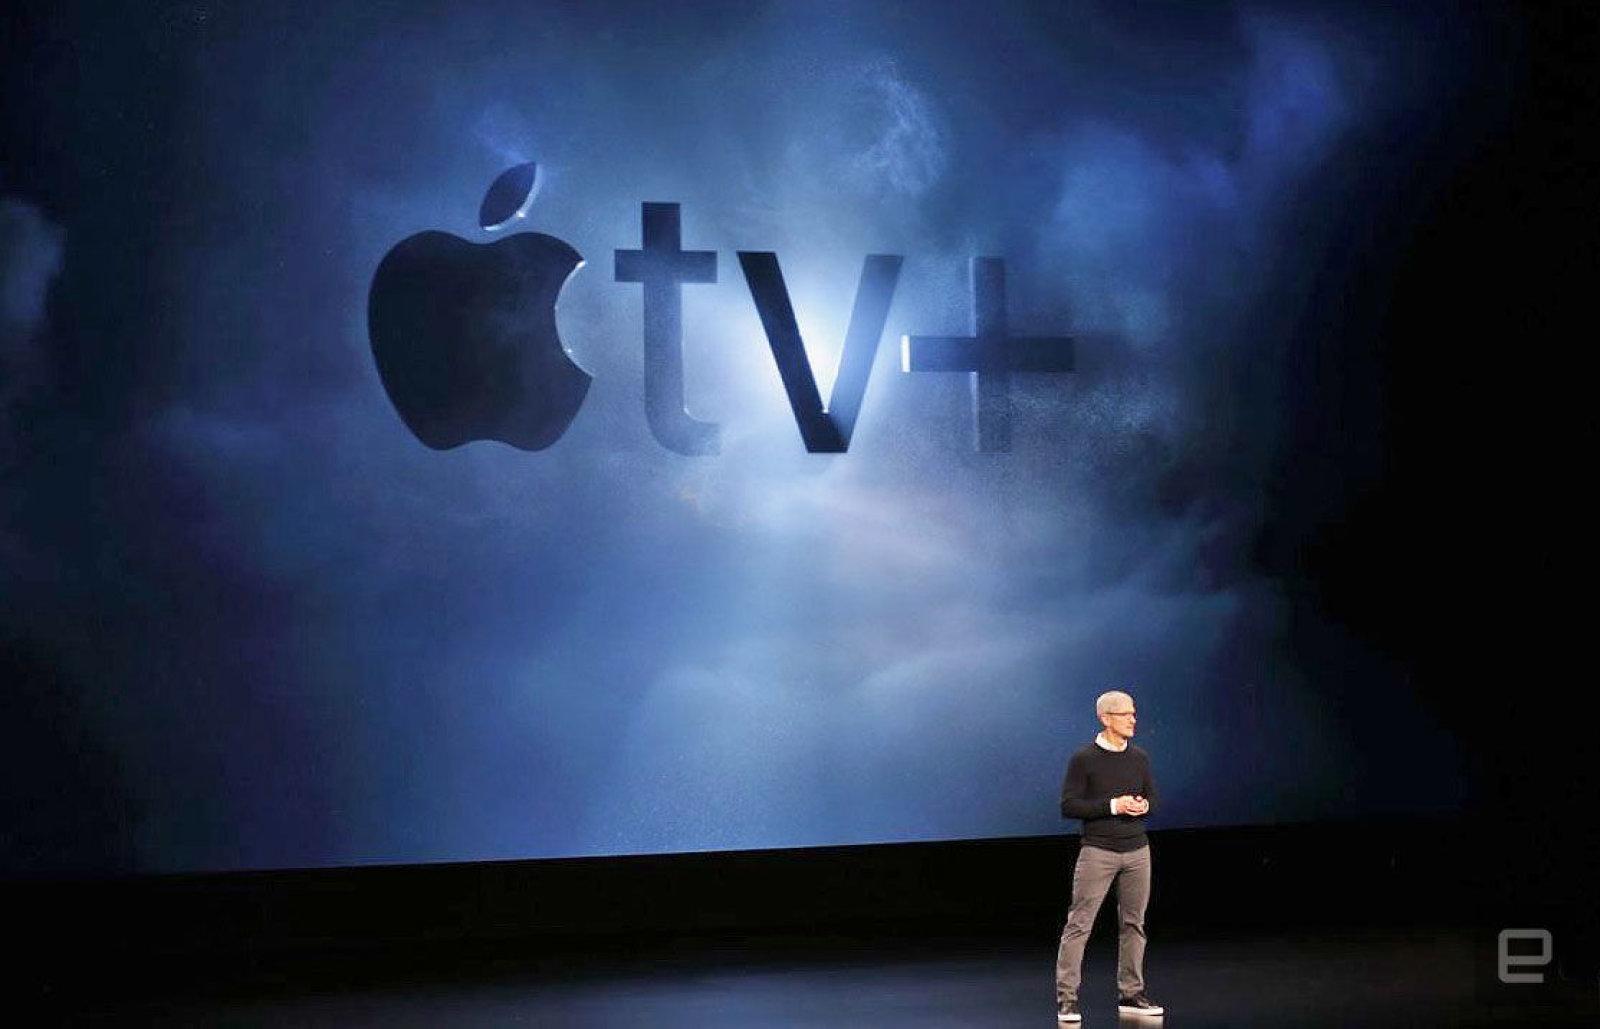 اپل با راهاندازی سرویس +TV در آبان ماه با هزینه ماهیانه 10 دلار به رقابت با نتفلیکس بر میخیزد